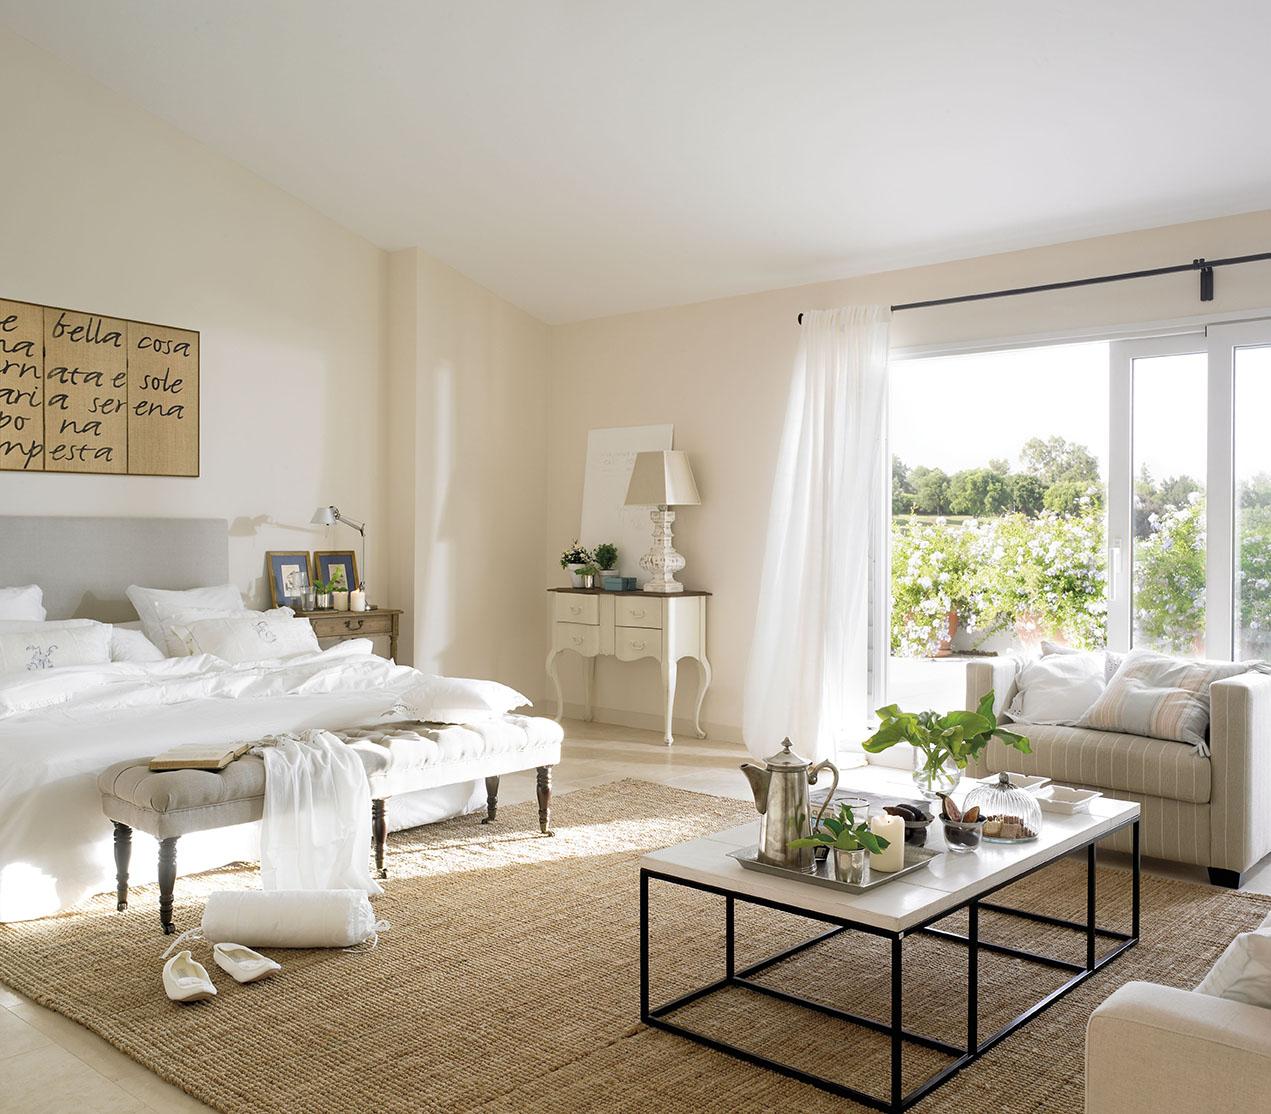 amplio dormitorio princiapal con una cama blanca y un zona de estar con sillones